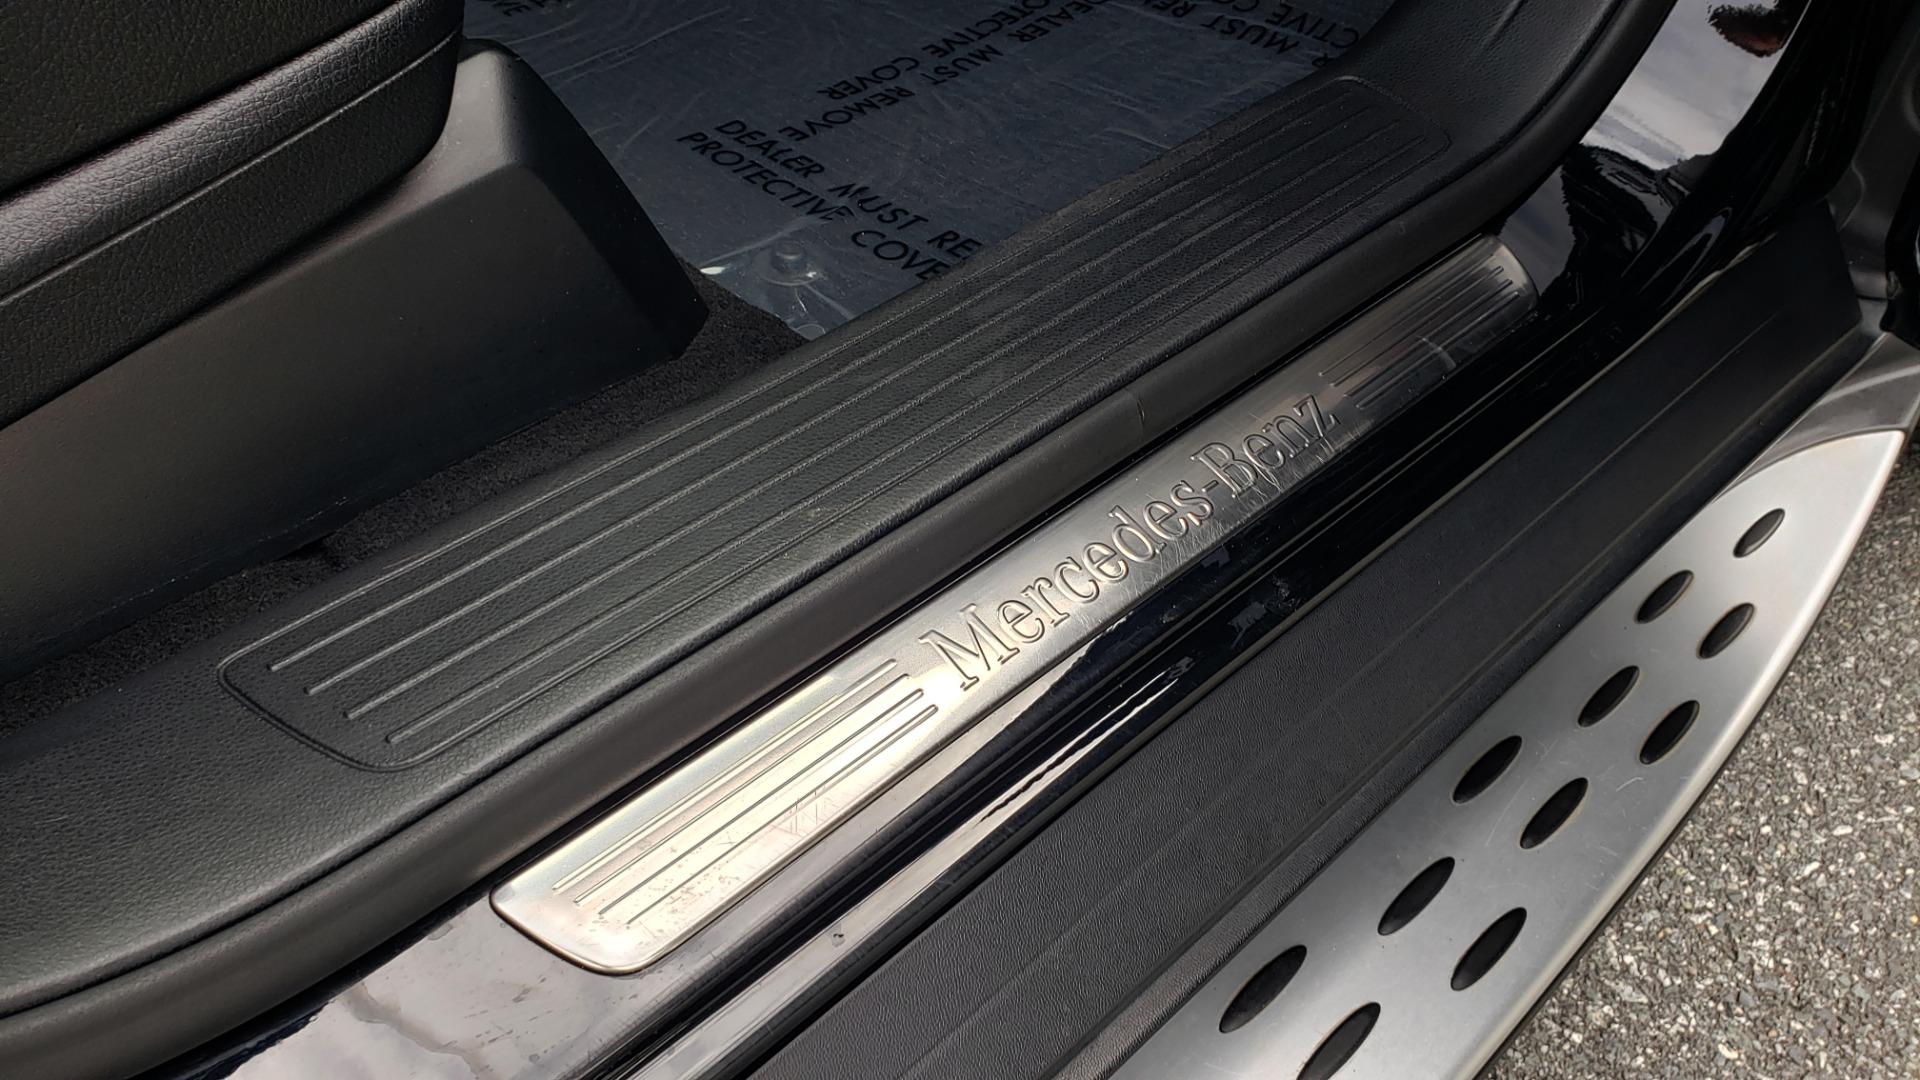 Used 2016 Mercedes-Benz GLE 450 AMG / AWD / PREM PKG / PARK ASST / DRVR ASST / SUNROOF for sale Sold at Formula Imports in Charlotte NC 28227 74